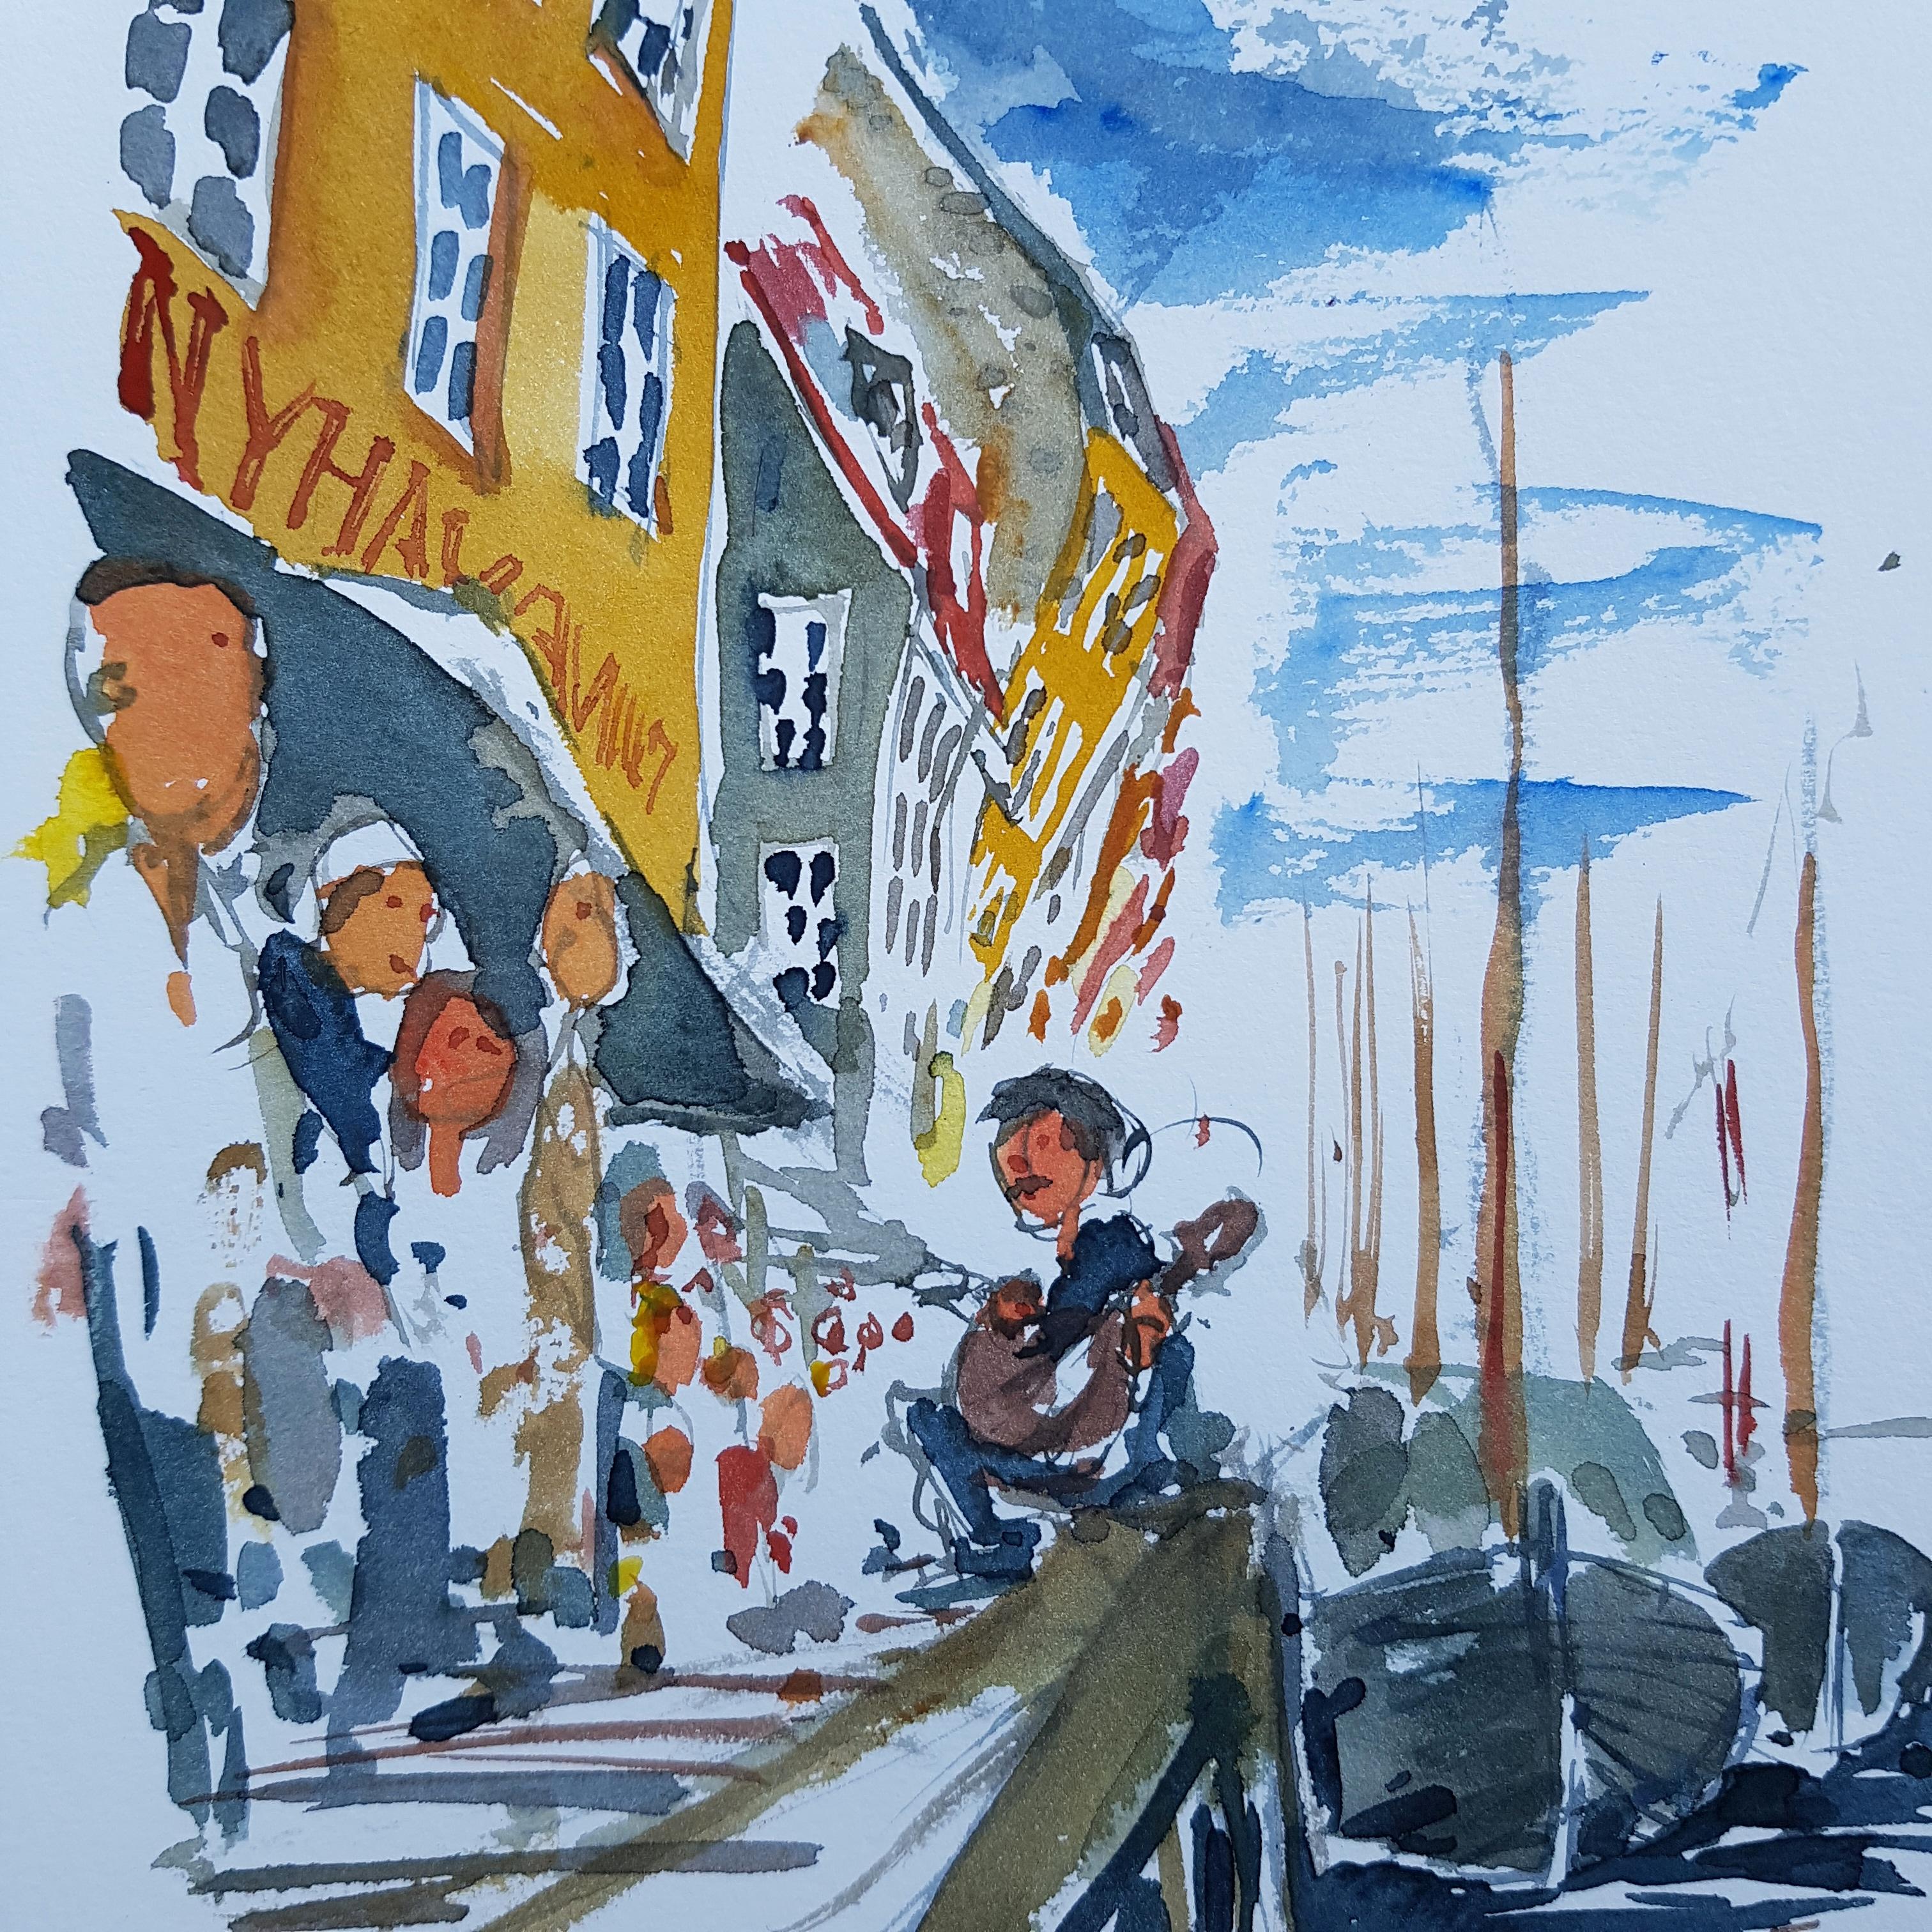 Watercolor Nyhavn in Copenhagen by Frits Ahlefwldt